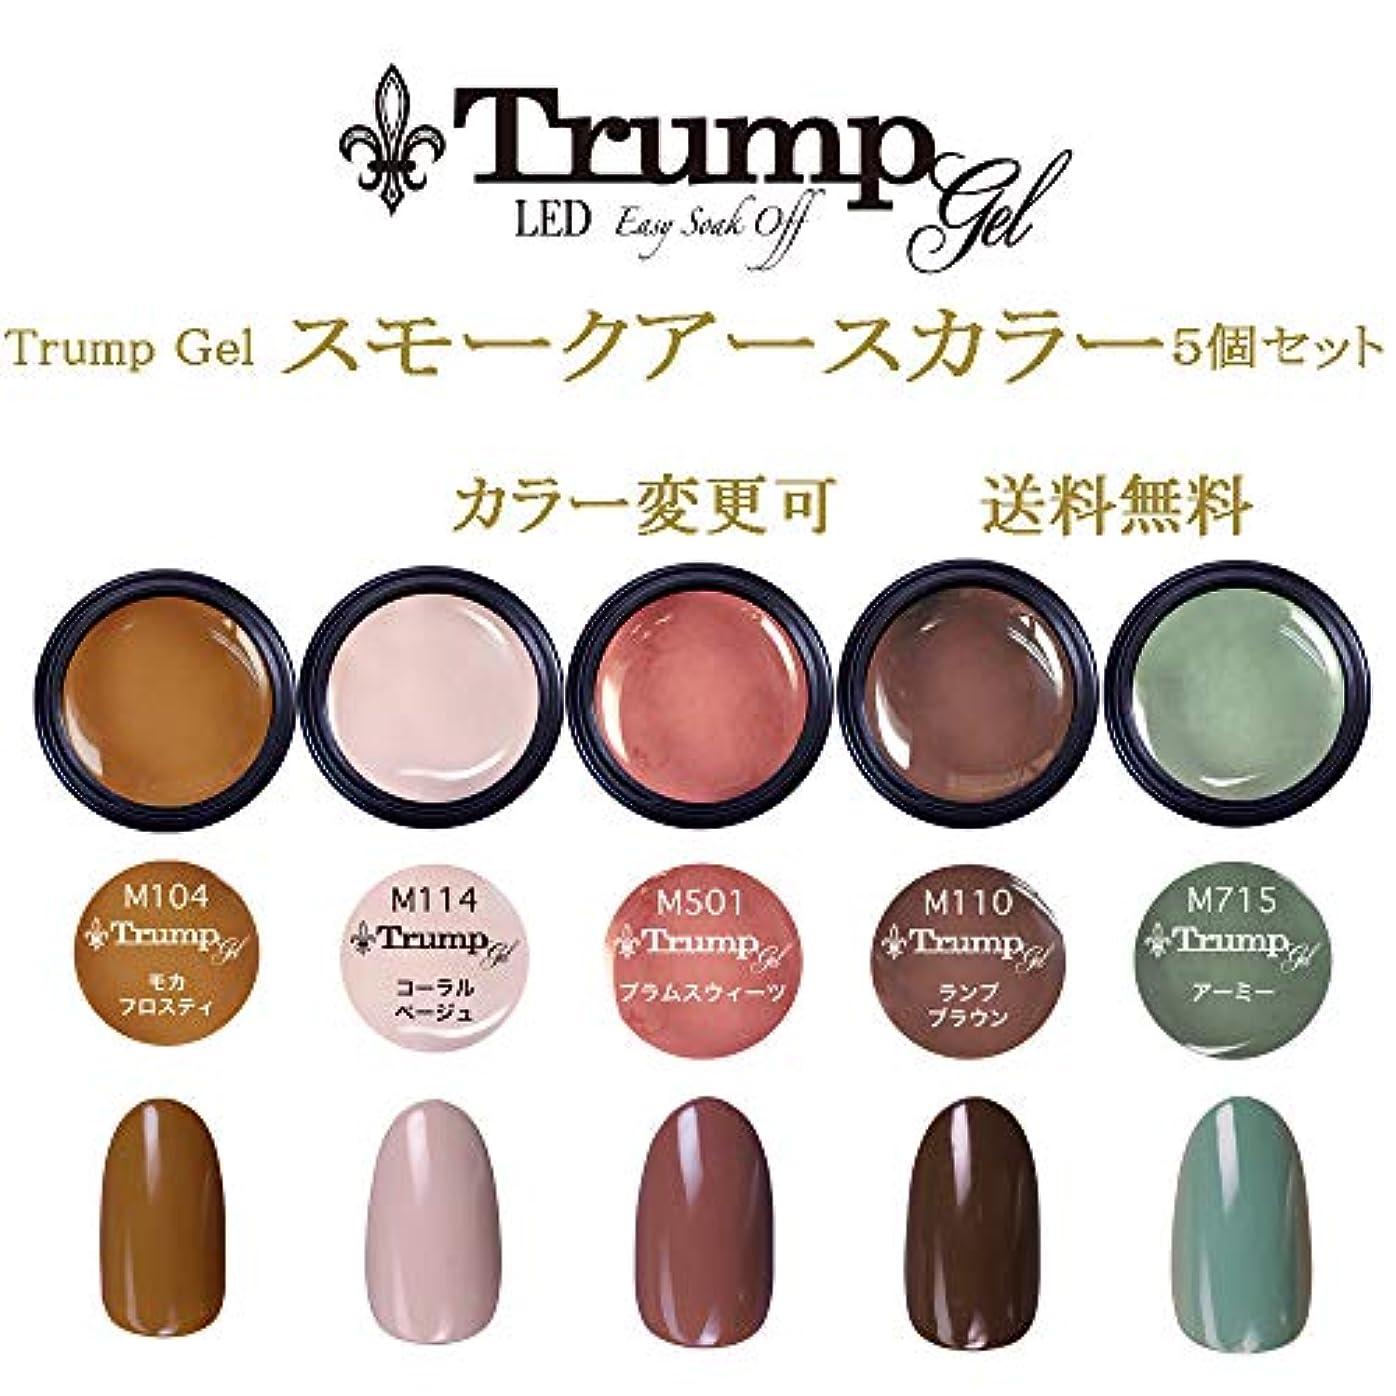 エクスタシー中止します寄り添う【送料無料】日本製 Trump gel トランプジェル スモークアース 選べる カラージェル 5個セット スモーキー アースカラー ベージュ ブラウン マスタード カーキ カラー